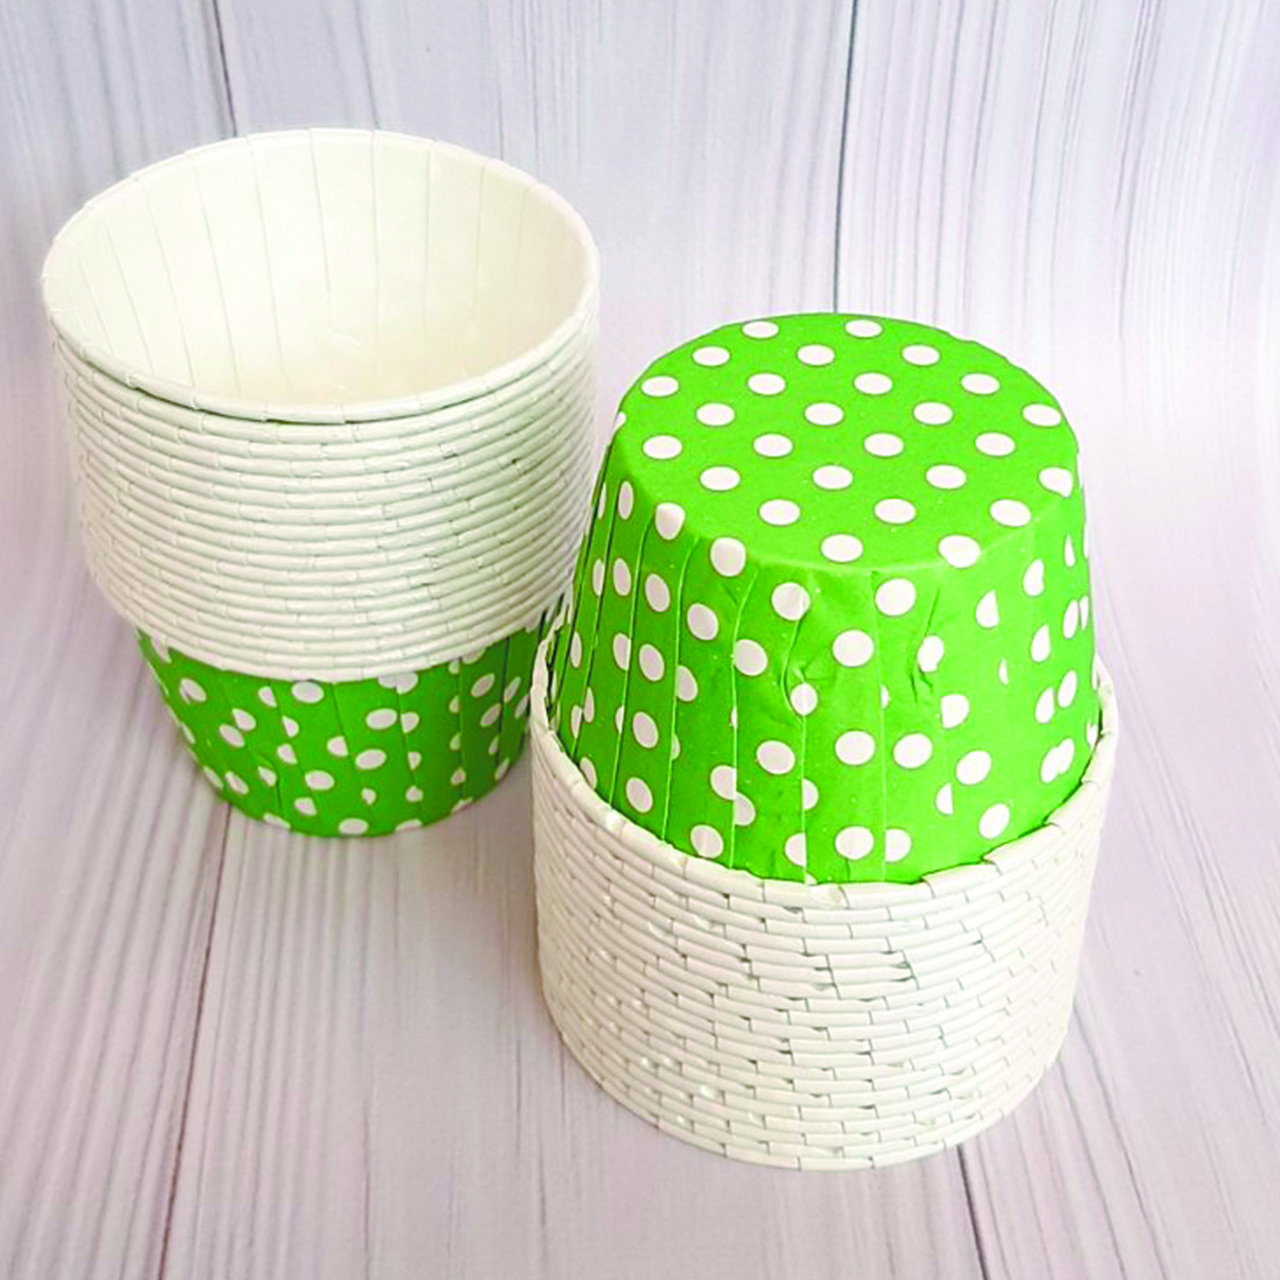 Формы бумажные для кексов усиленные с бортиком Зеленый горох, 50*40 мм.